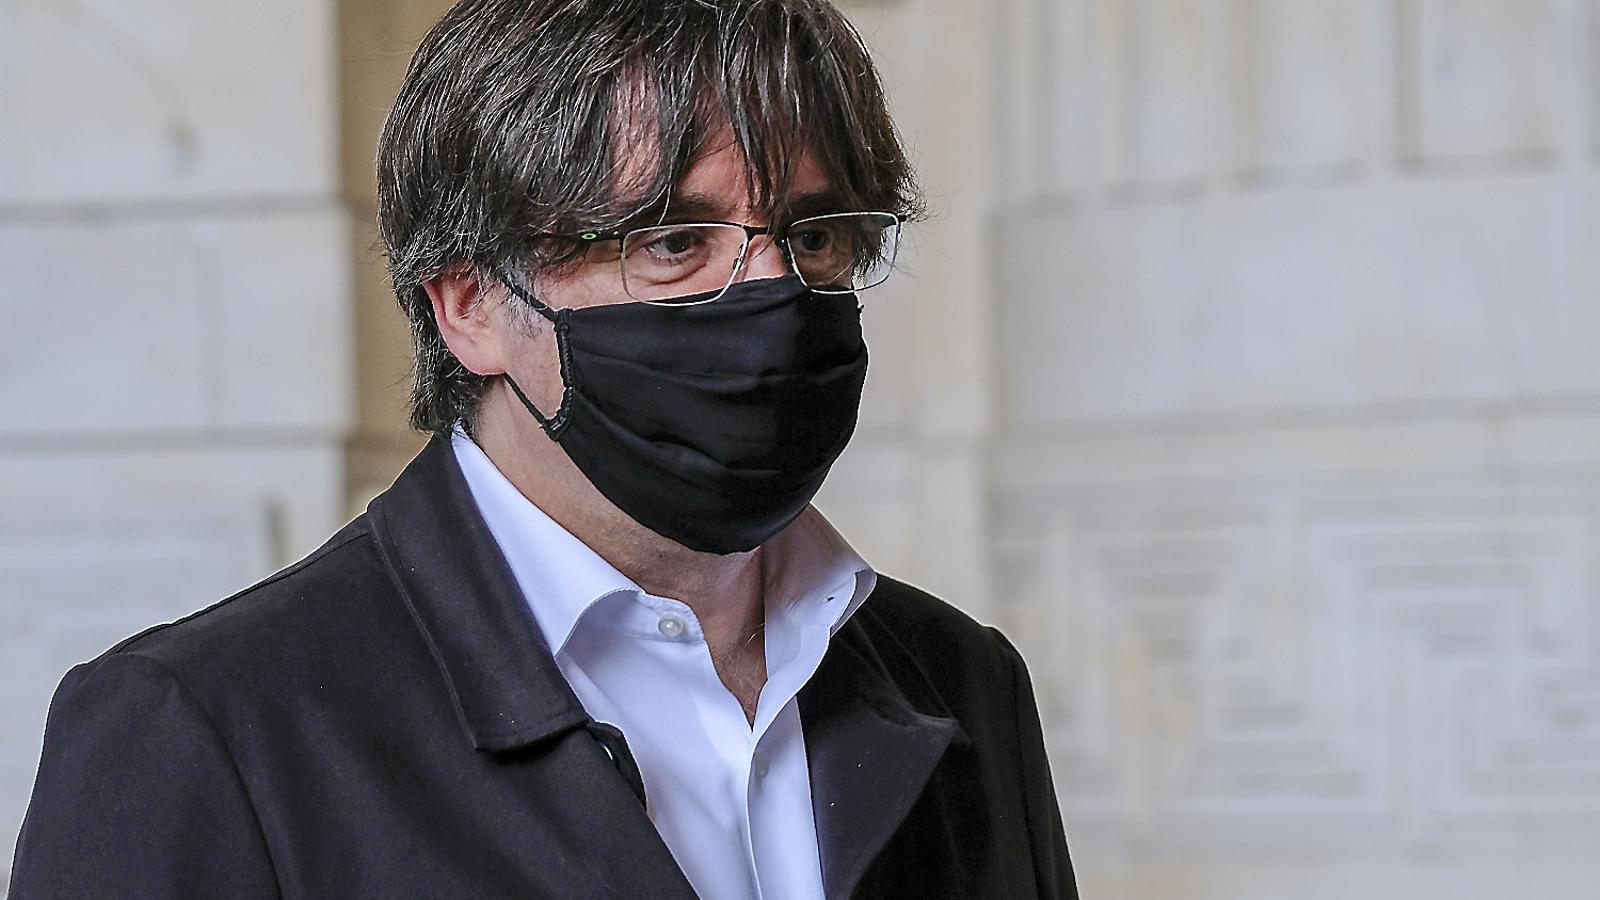 El PDECat i Puigdemont es disputen la marca de JxCat